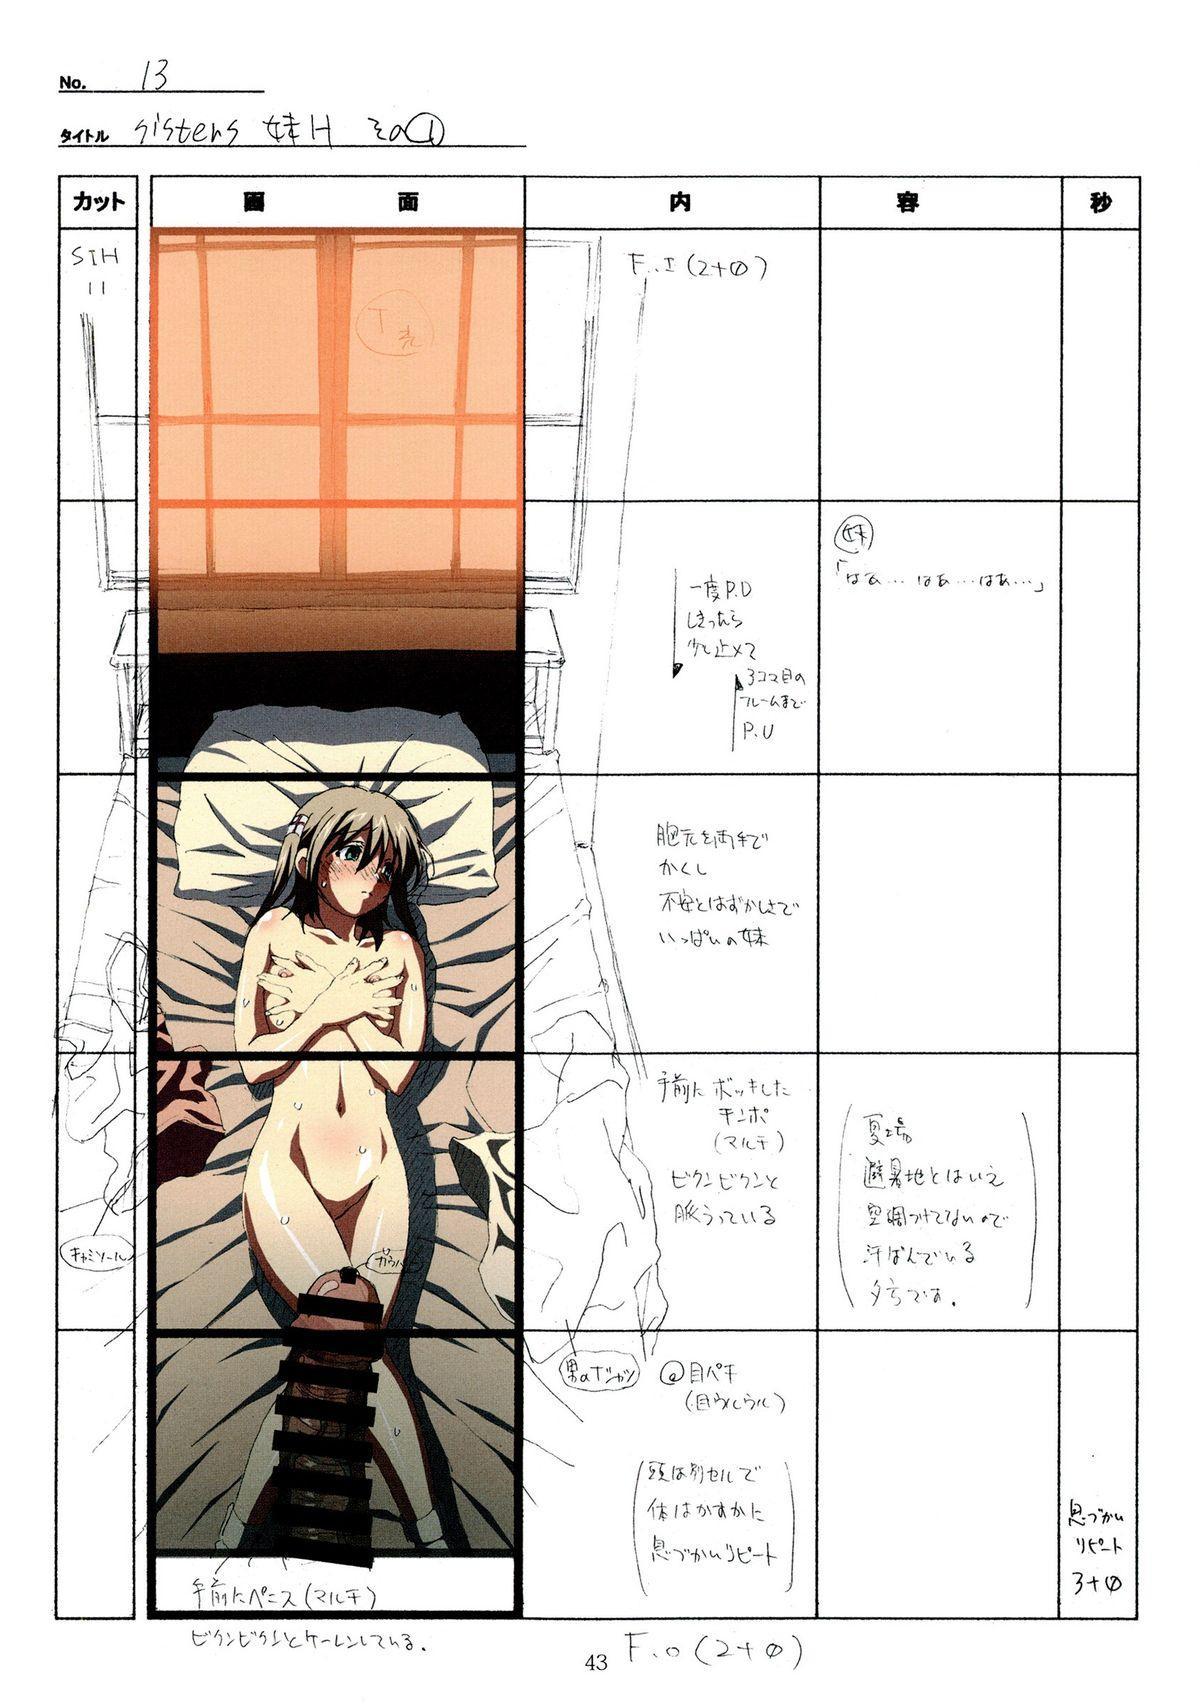 (C89) [Makino Jimusho (Taki Minashika)] SISTERS -Natsu no Saigo no Hi- H Scene All Part Storyboard (SISTERS -Natsu no Saigo no Hi-) 42